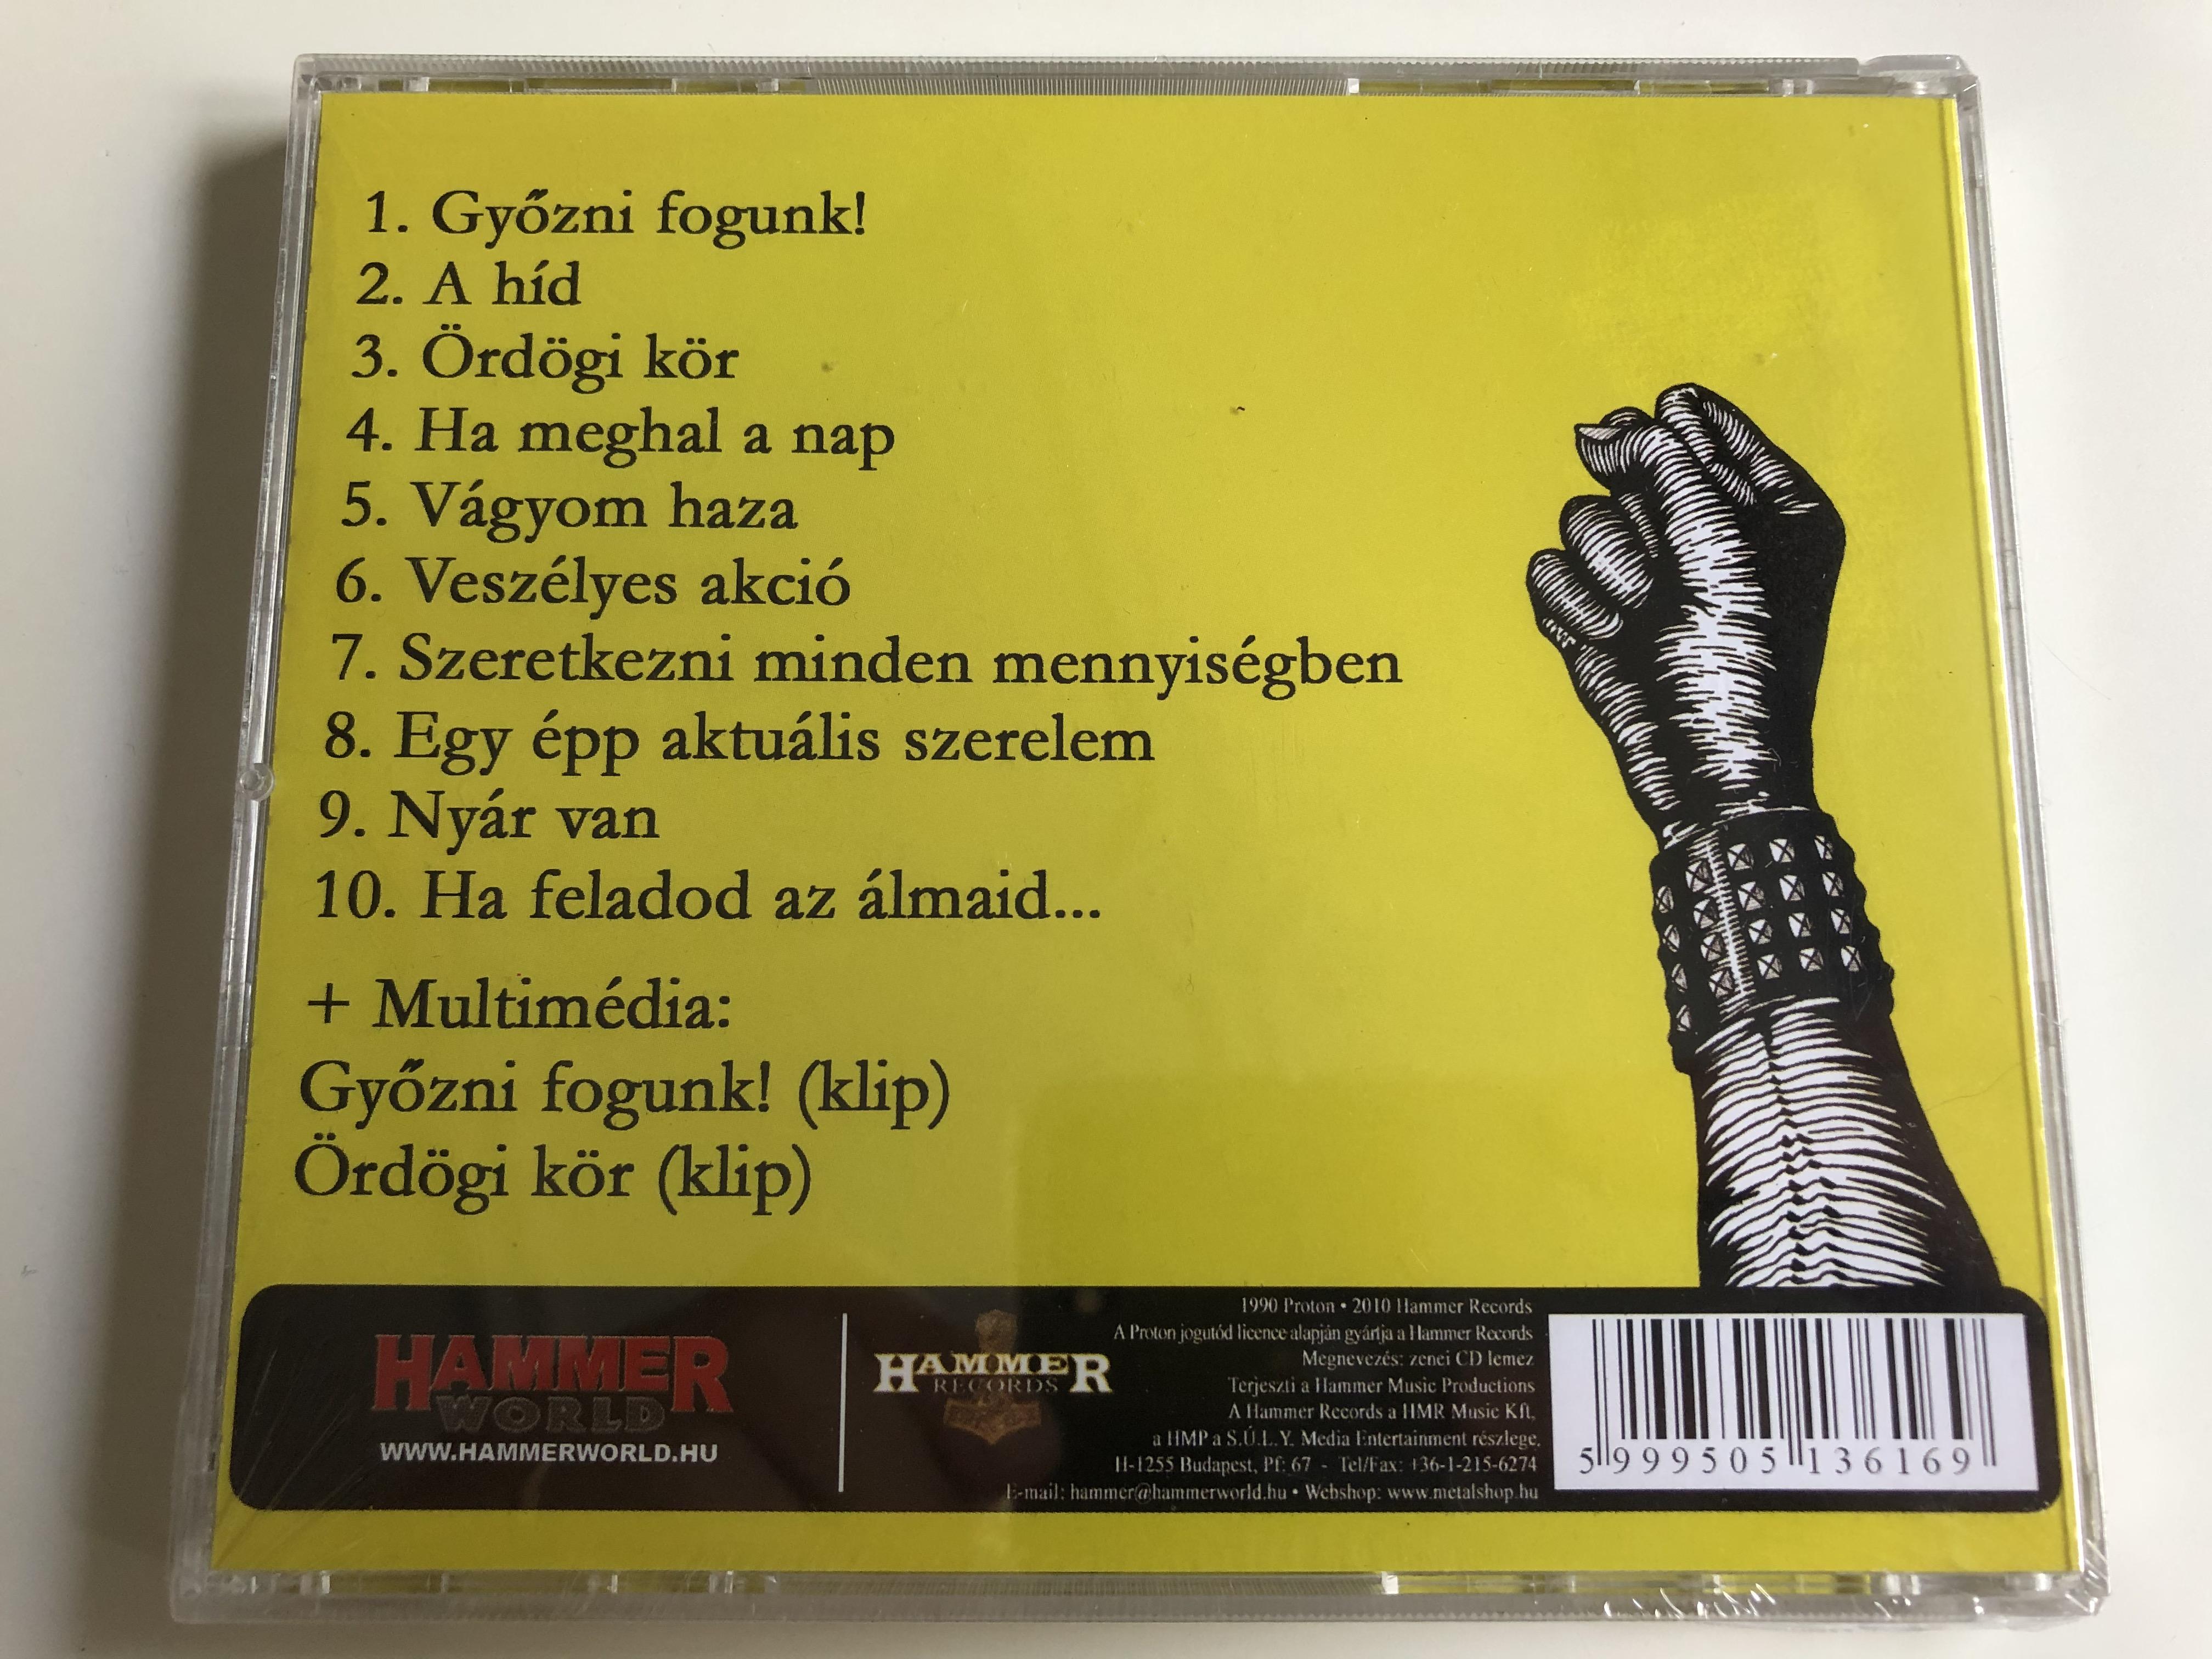 edda-m-vek-10.-gy-zni-fogunk-10-ev-10-lemez-hammer-records-audio-cd-2010-hmrcd-089-2-.jpg